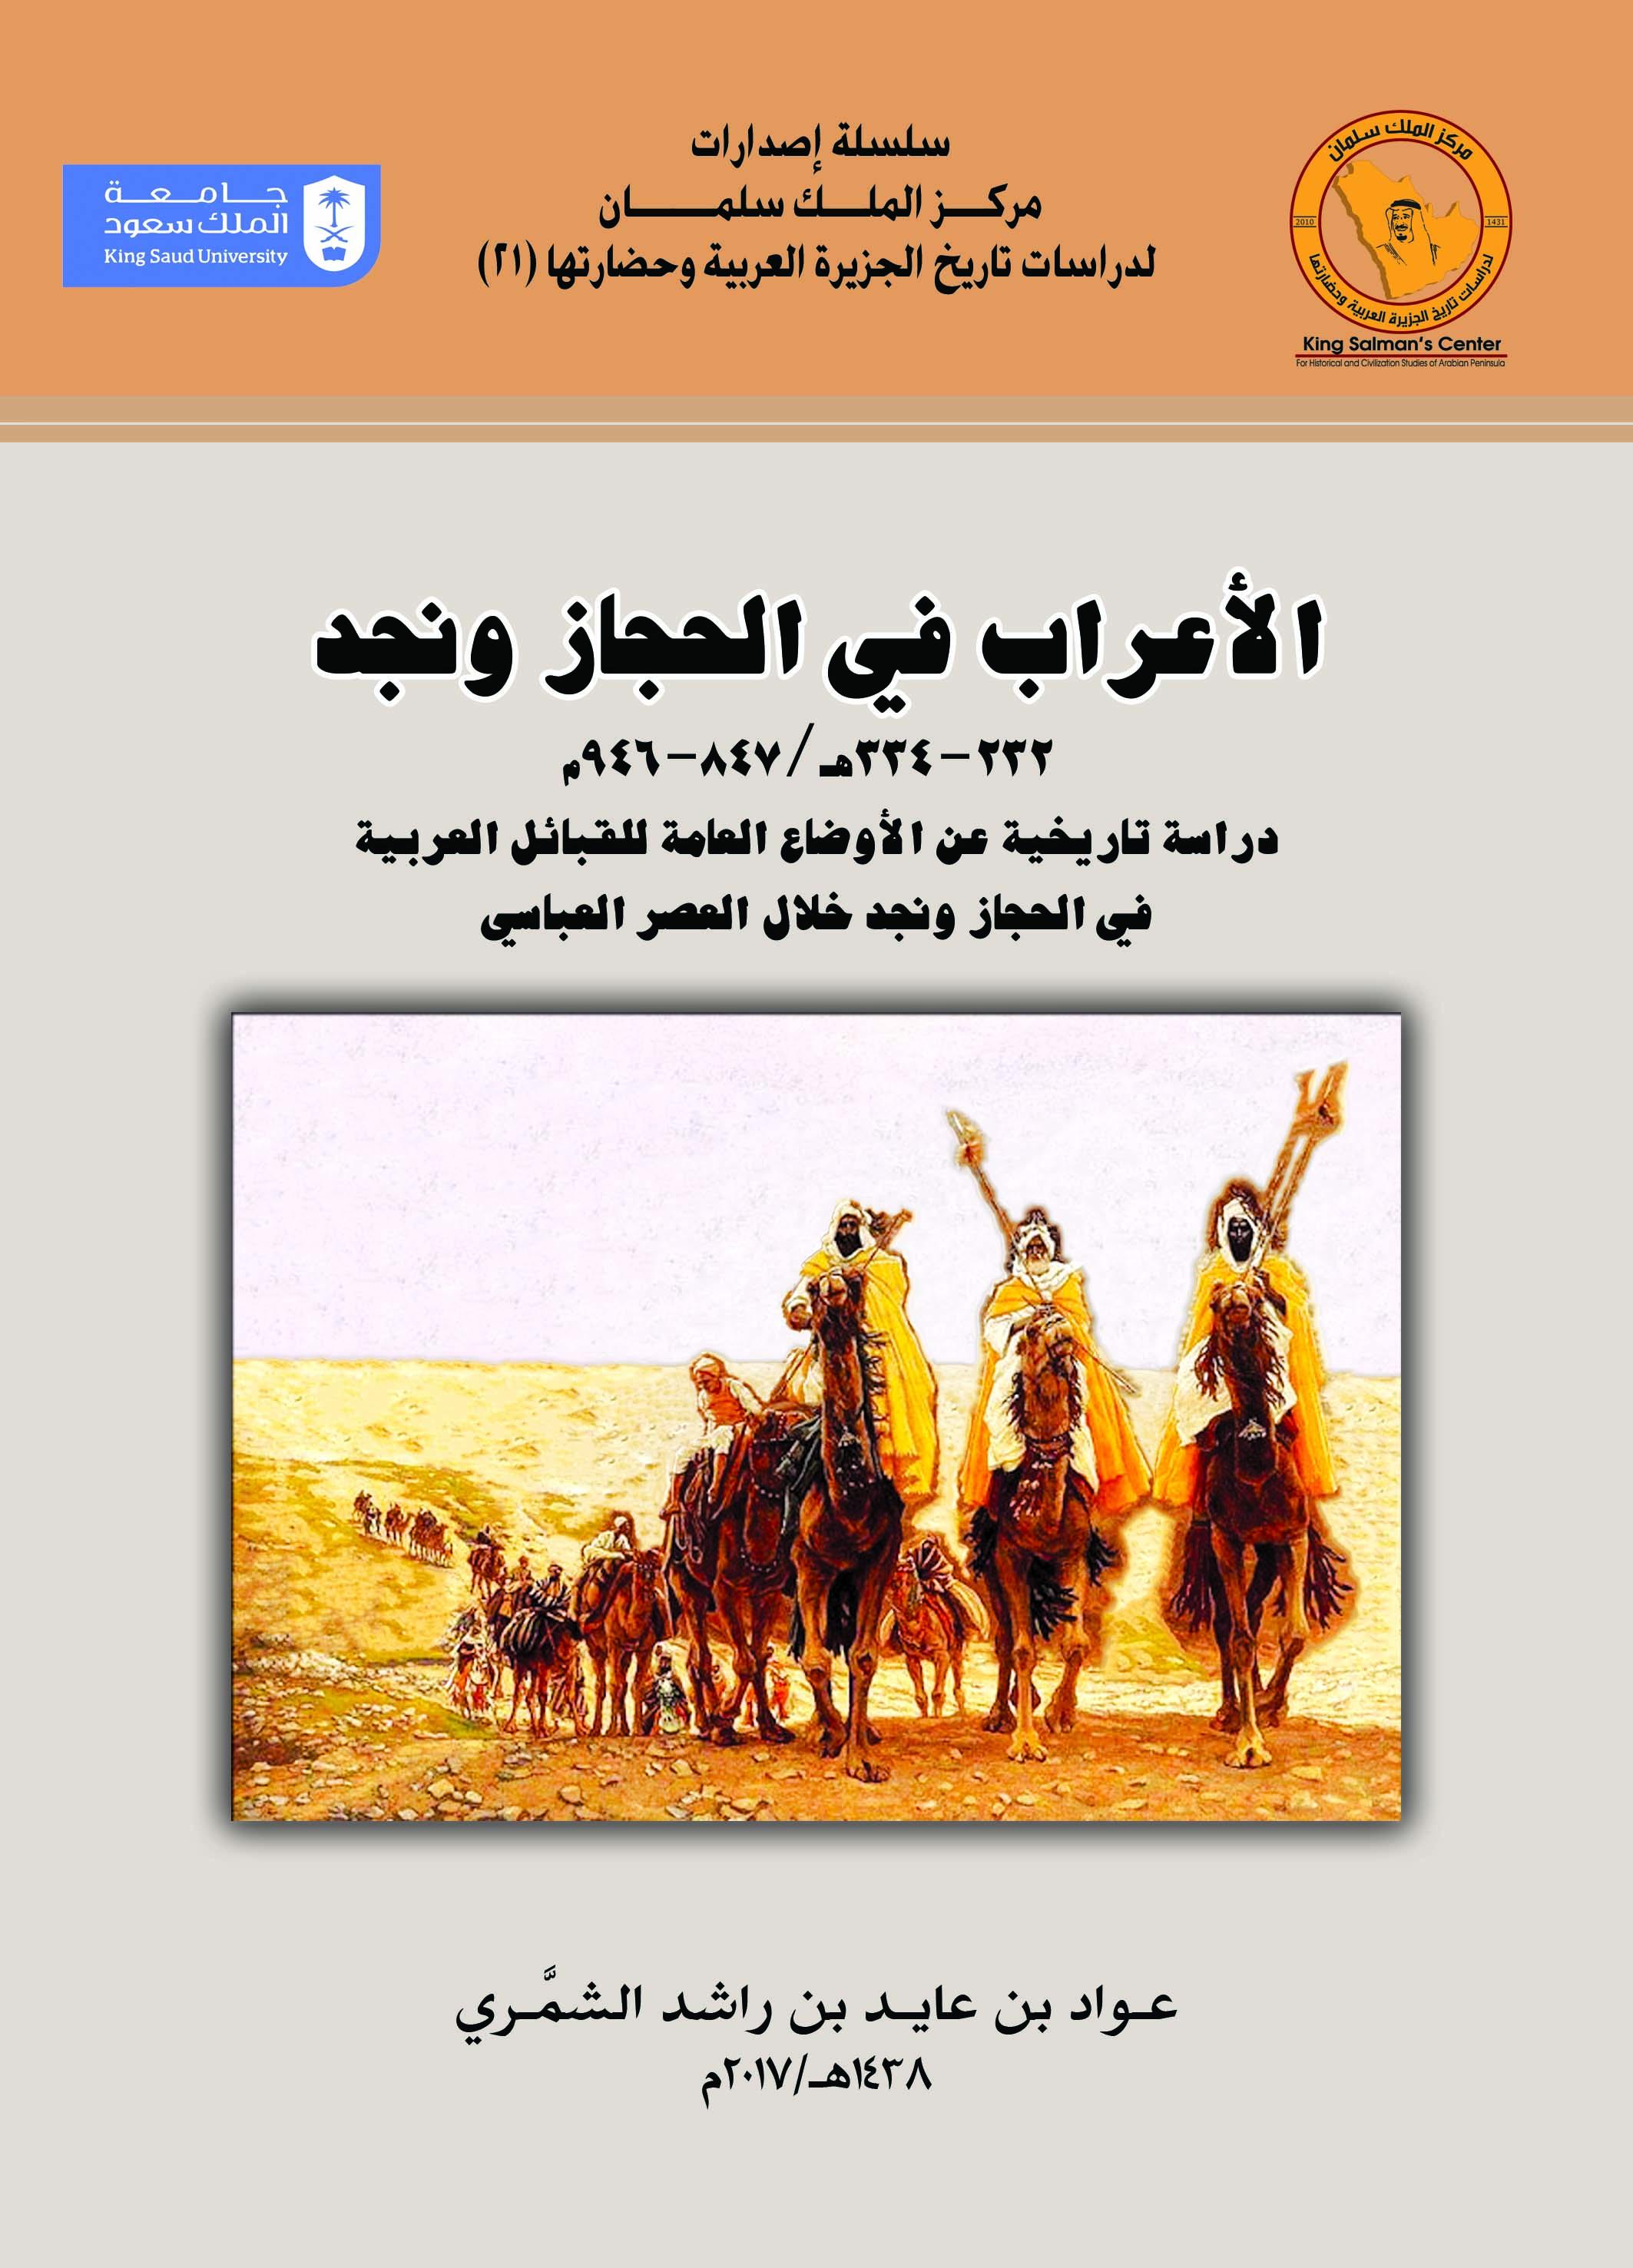 كتاب الأعراب في الحجاز ونجد 232-334هـ/847-946م ((أحدث إصدارات المركز))